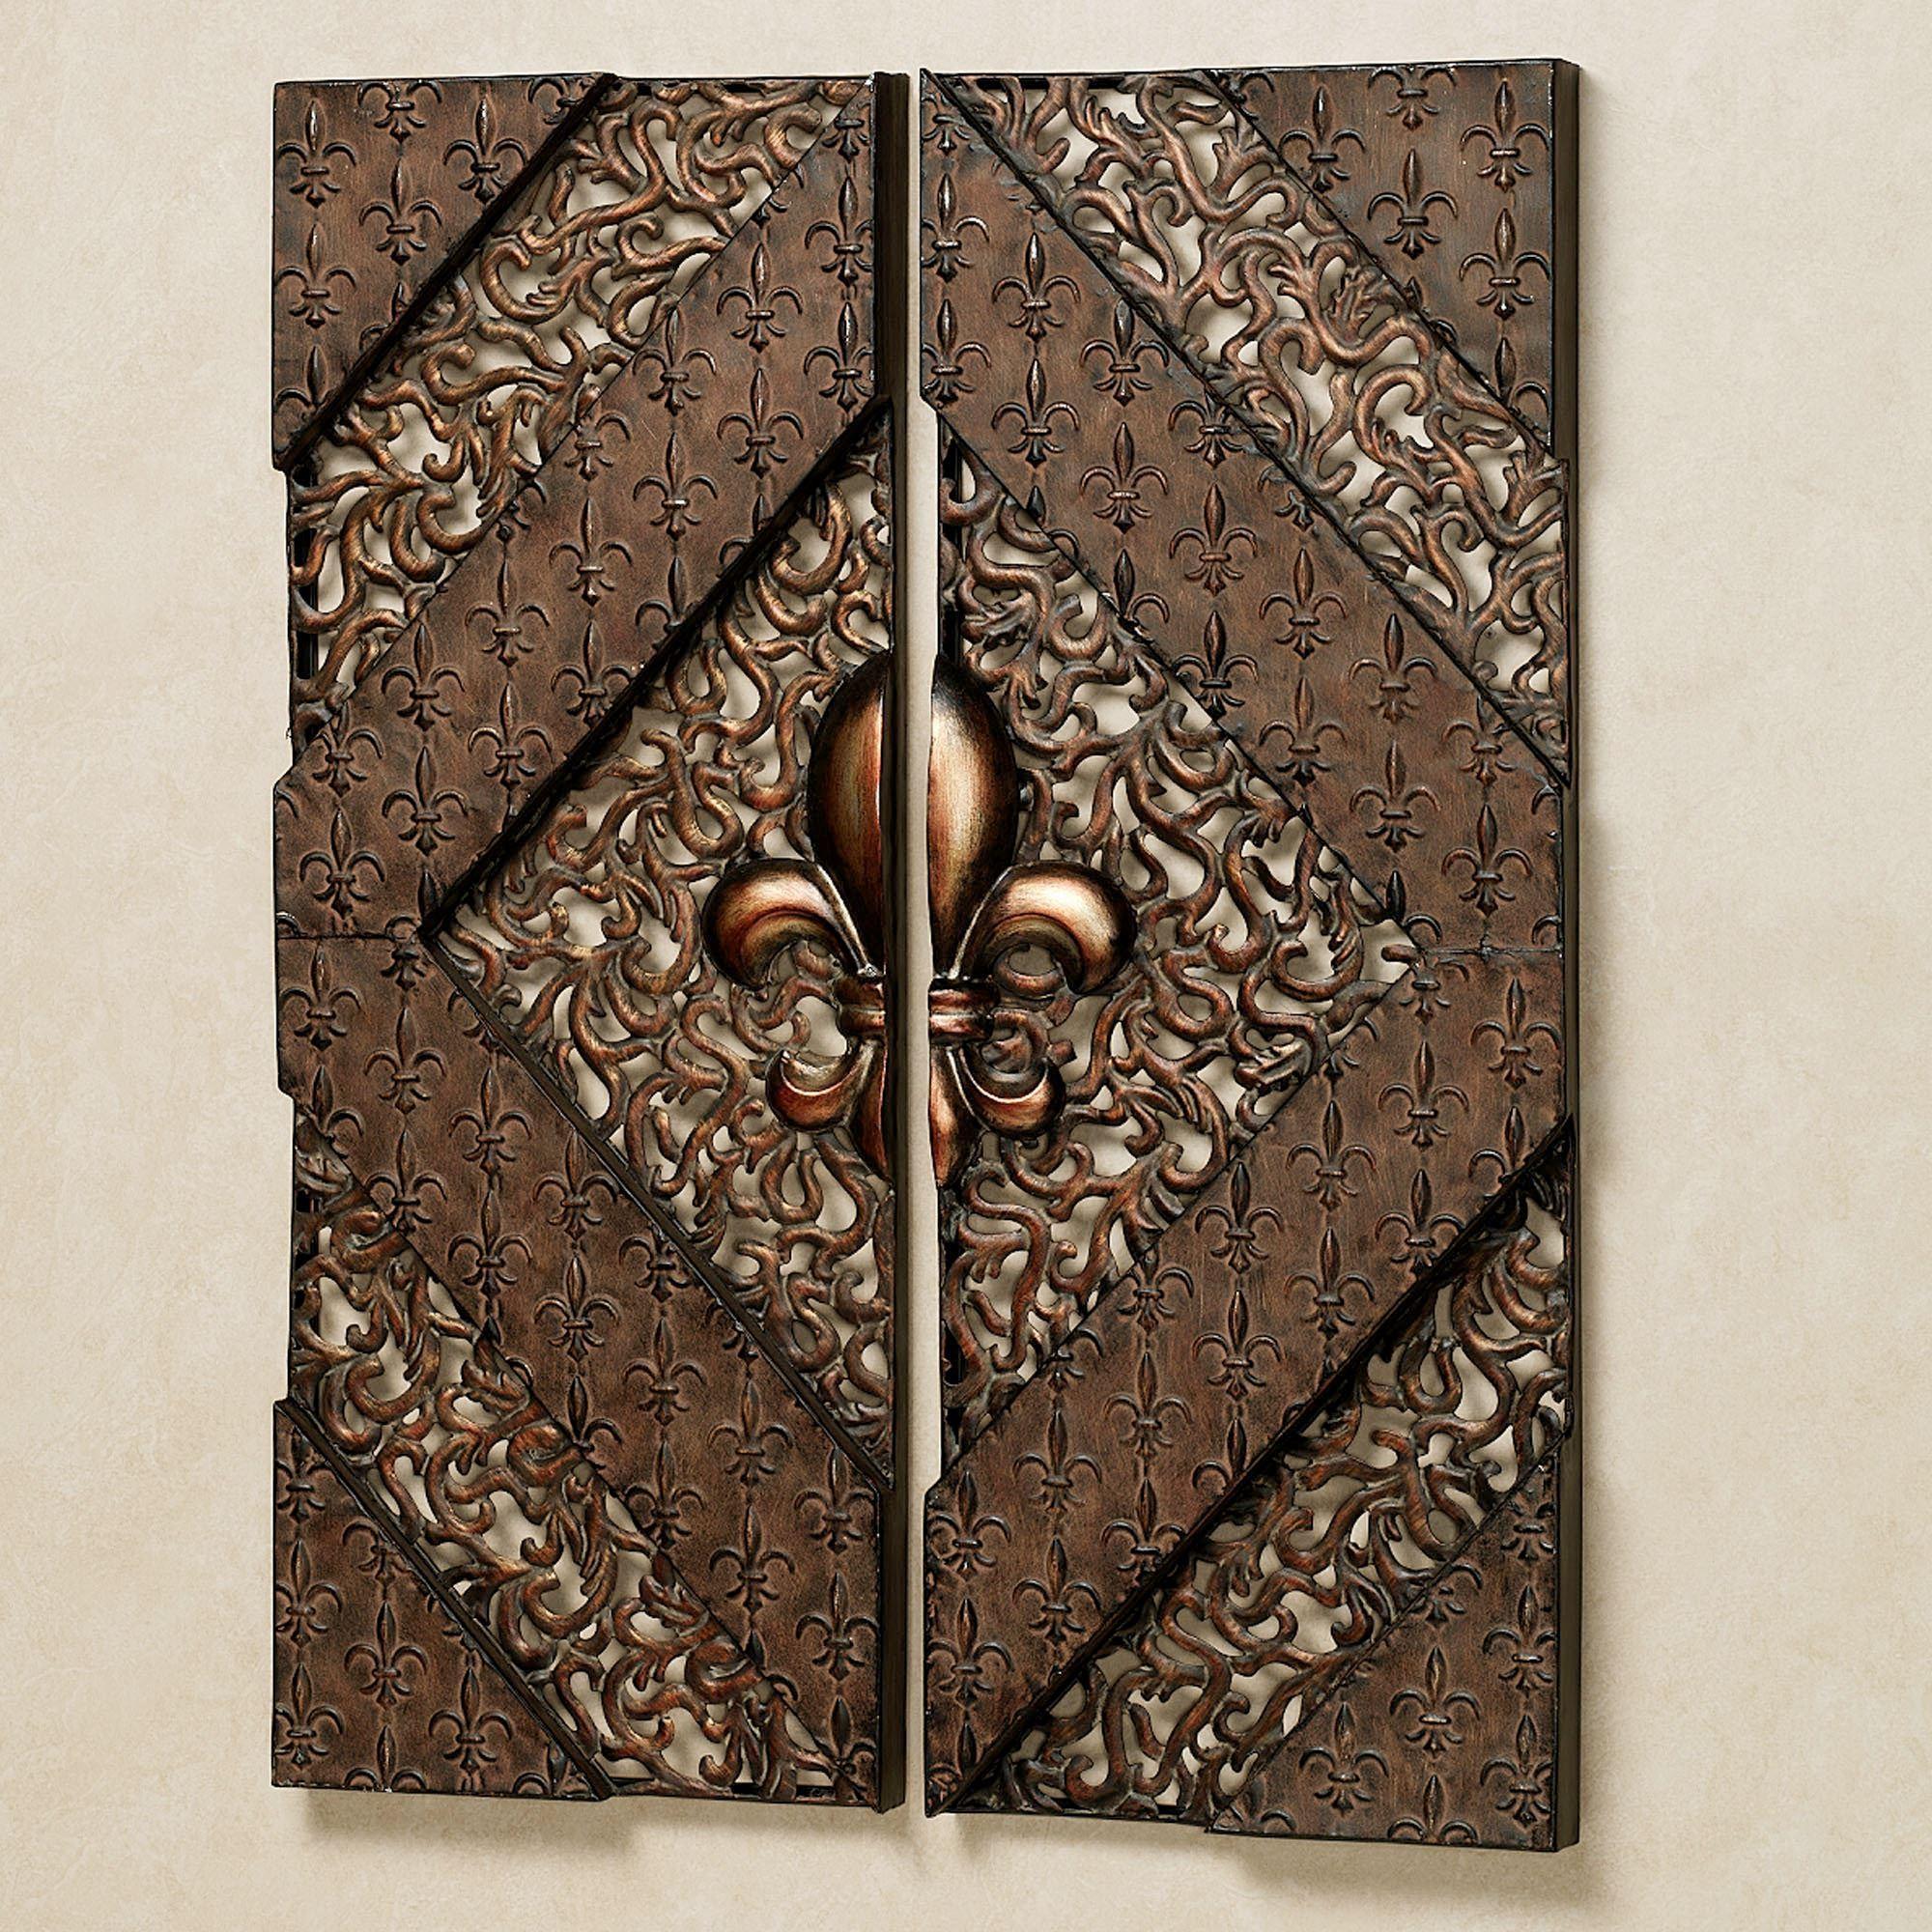 Fleur De Lis Metal Wall Panel Set Throughout Metal Fleur De Lis Wall Art (View 2 of 20)